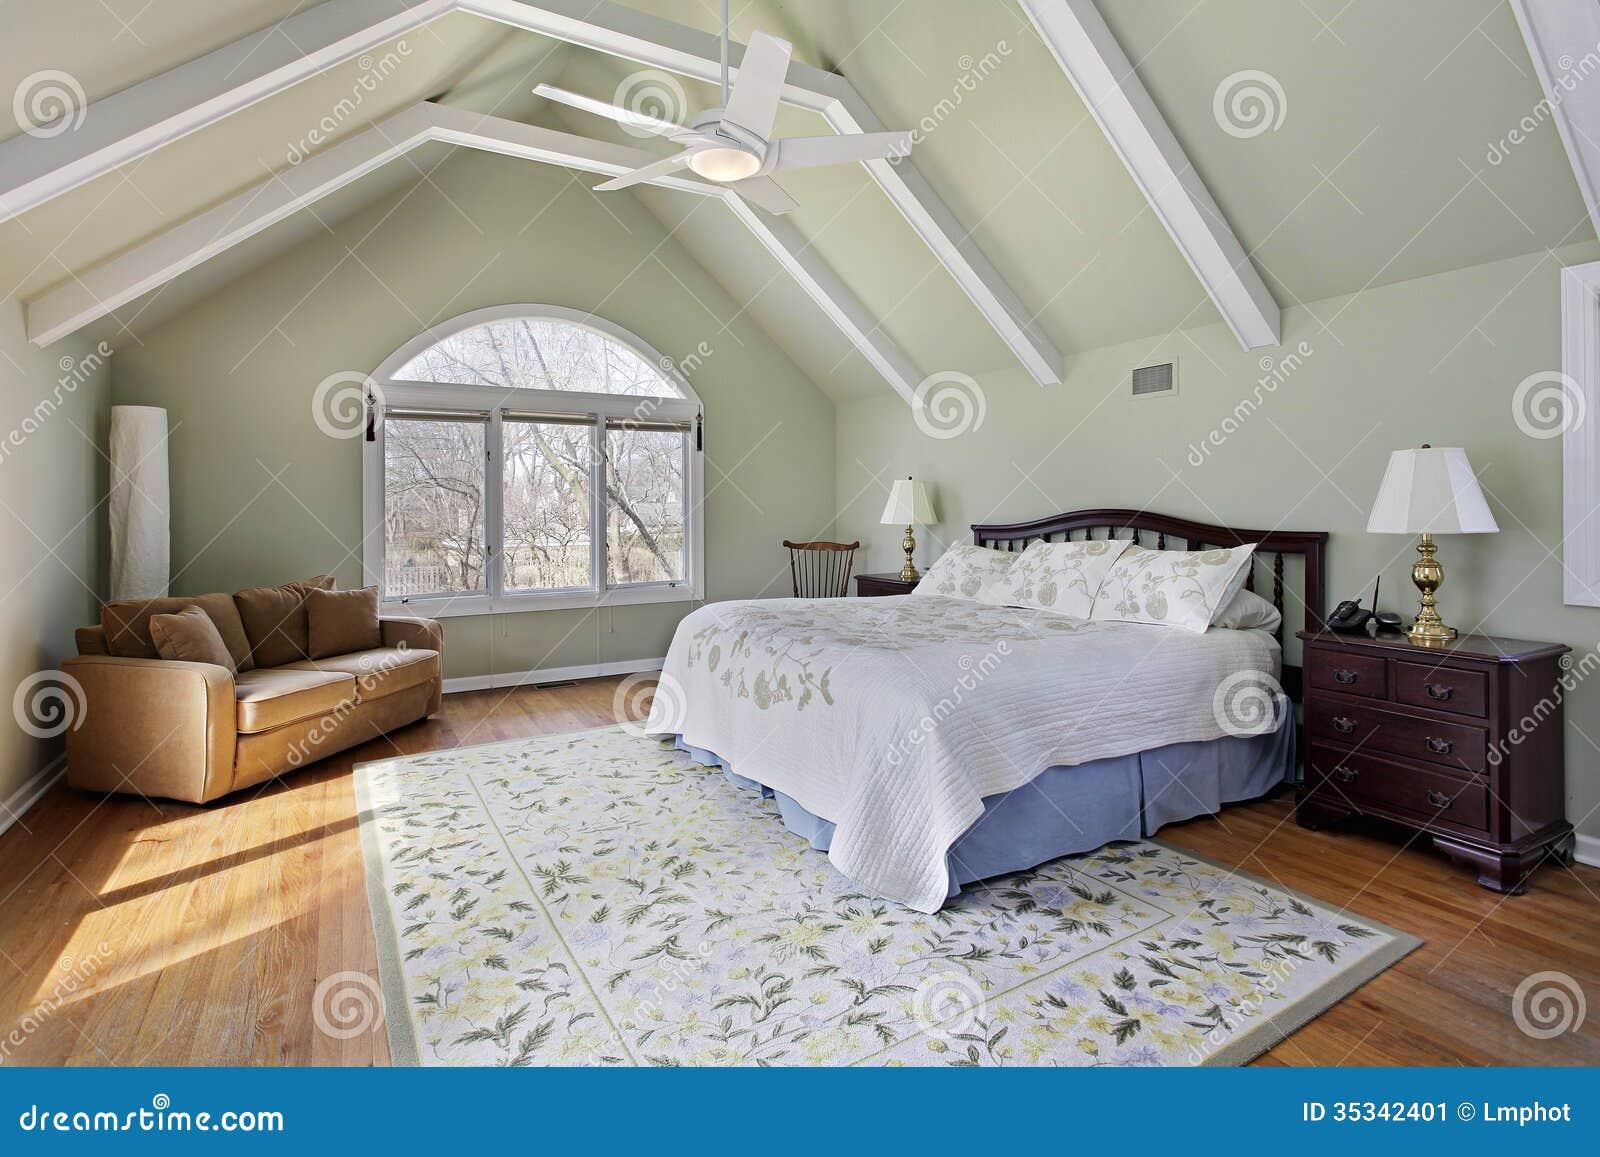 hauptschlafzimmer mit deckenbalken stockbild - bild von bett